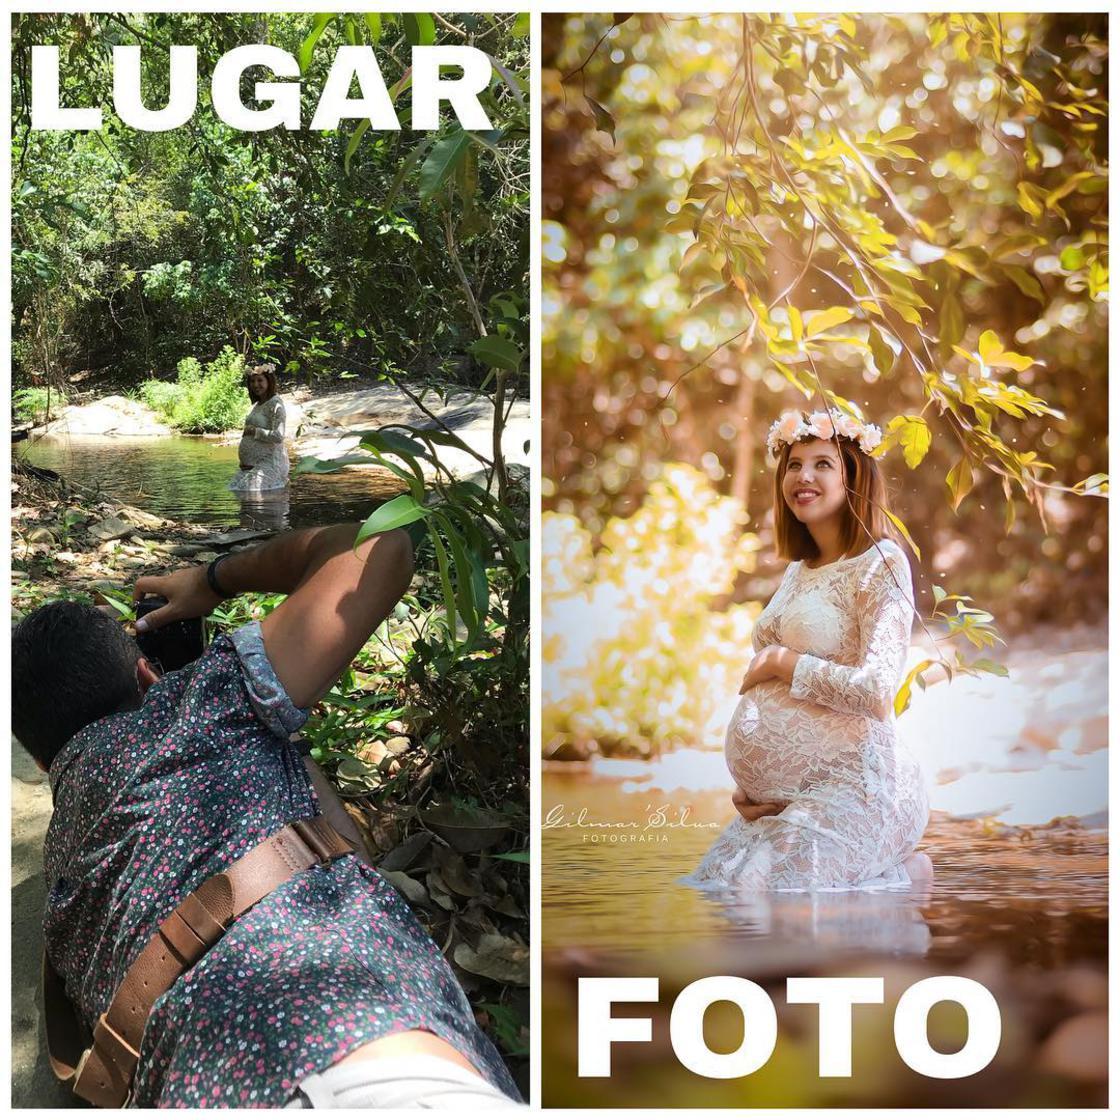 Découvrez les coulisses de photos de grossesses d'un photographe. 9